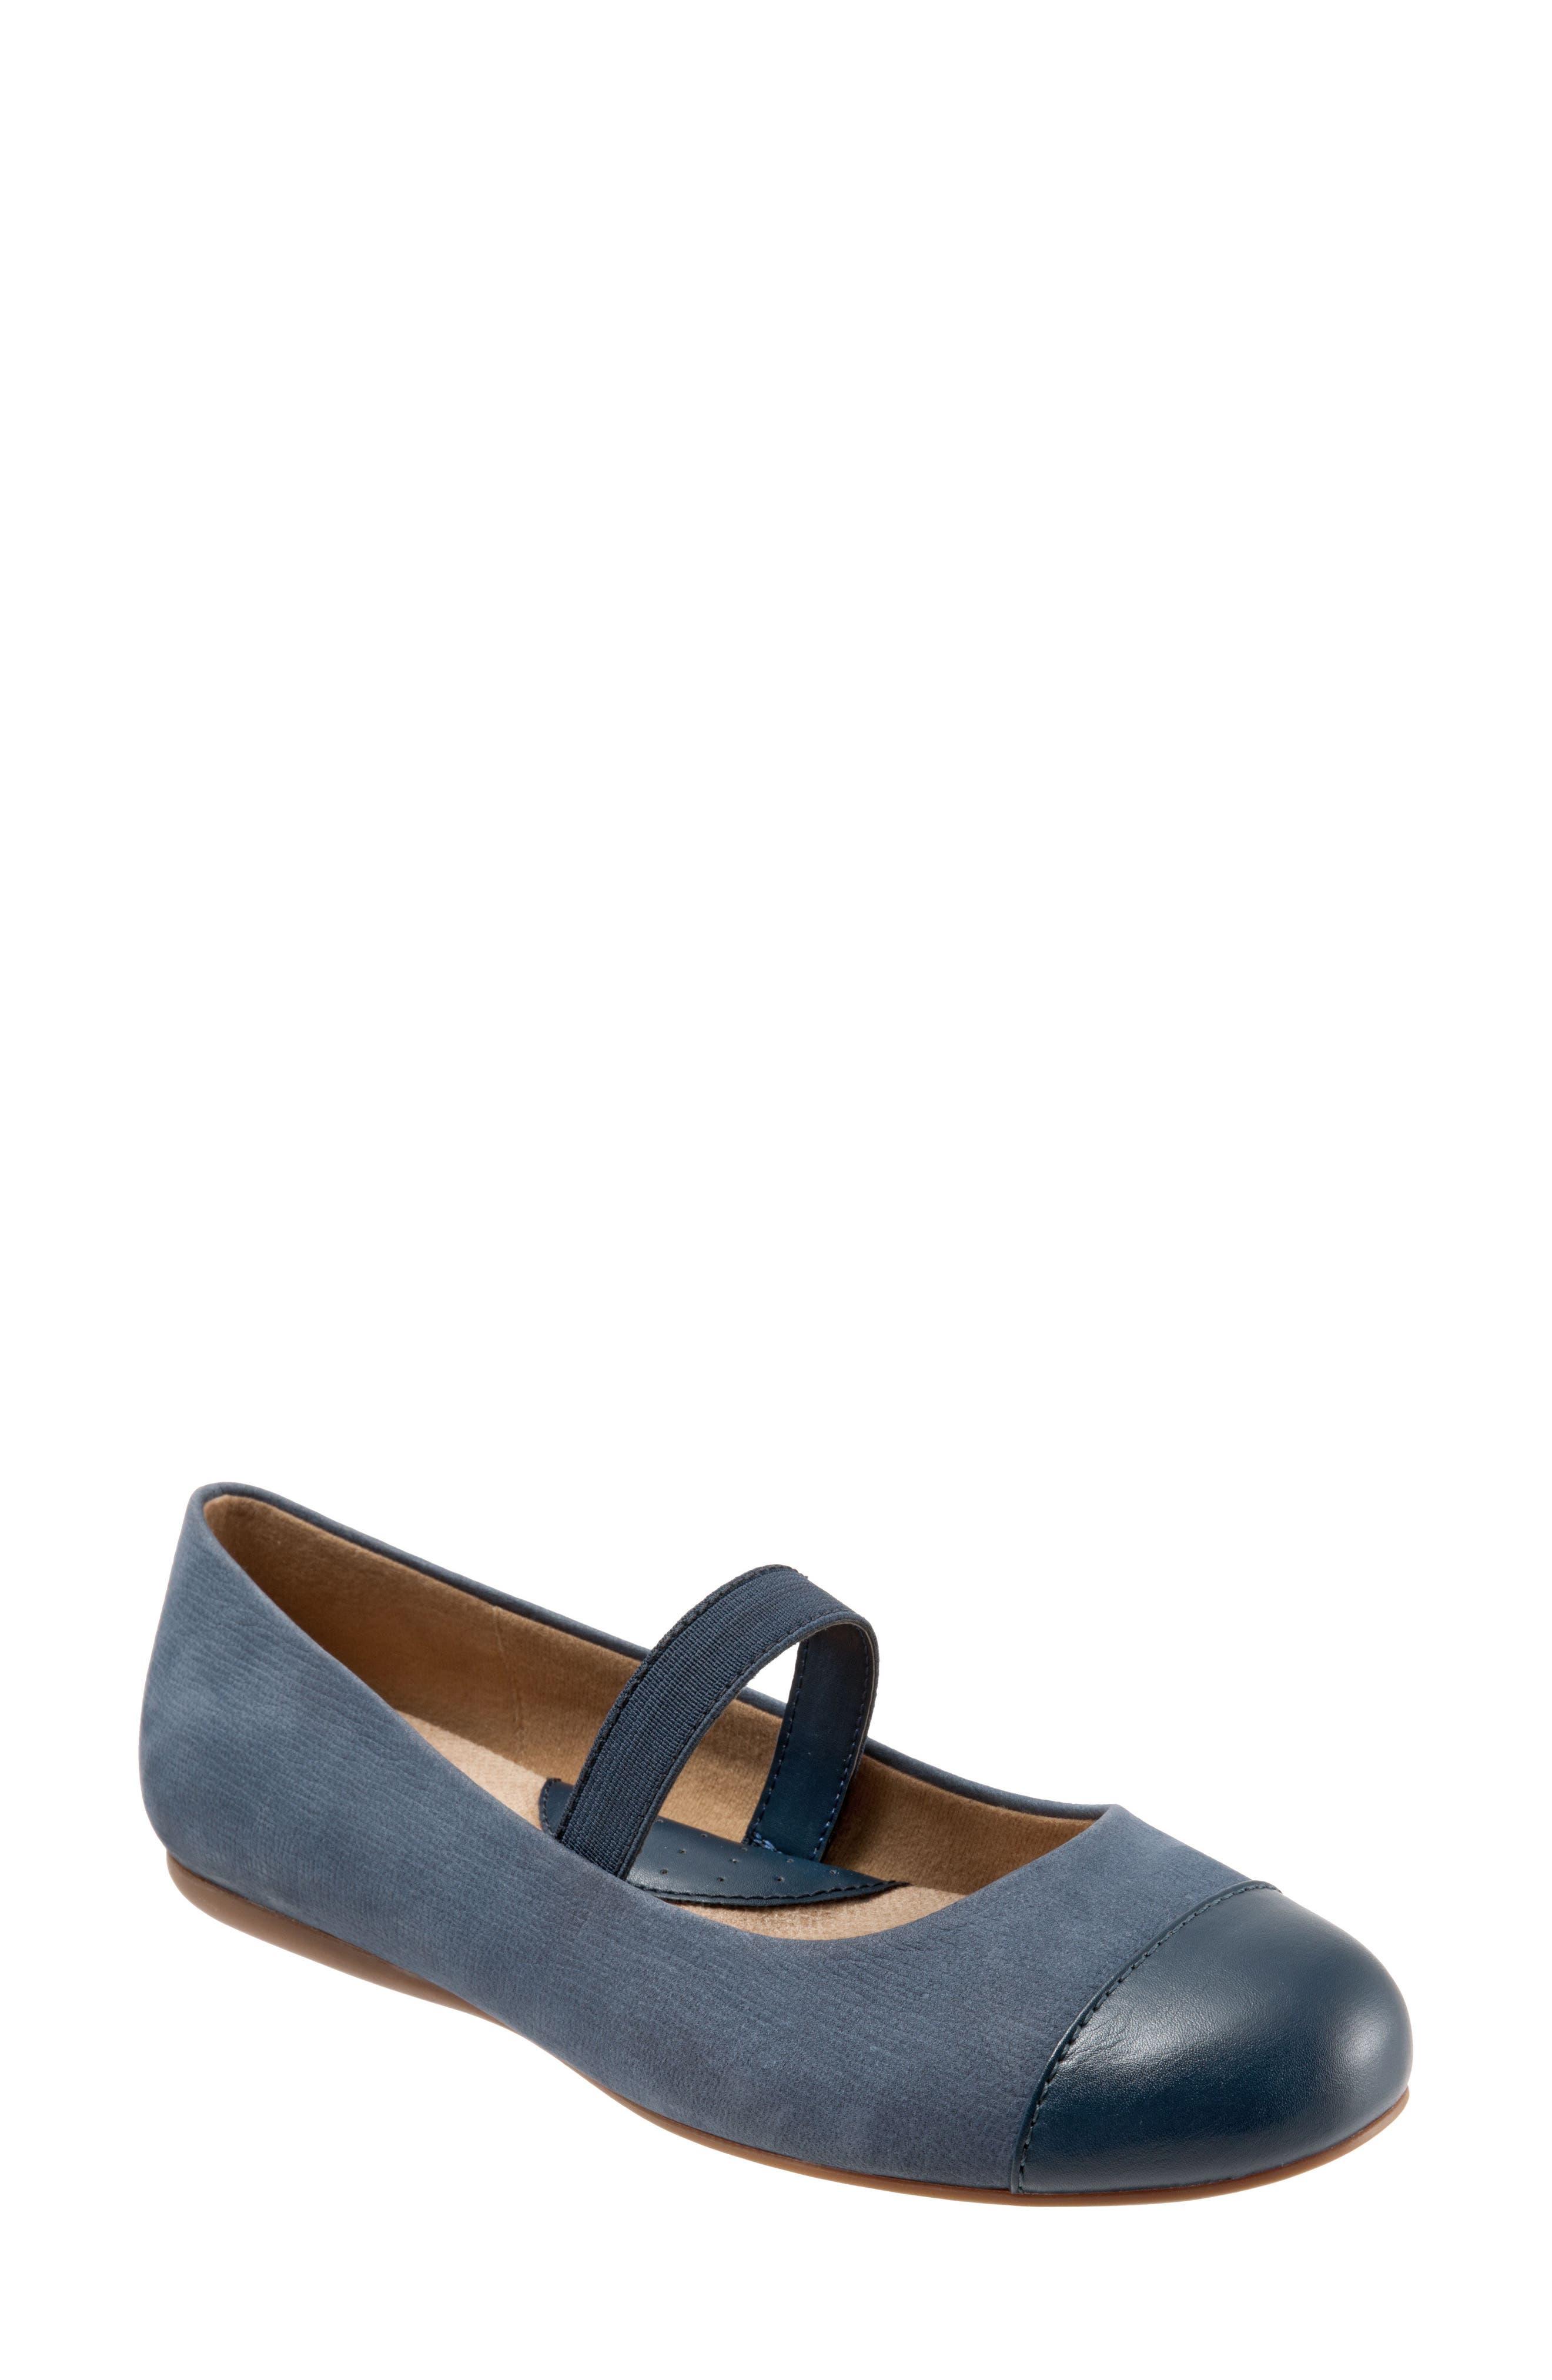 Softwalk Napa Mary Jane Flat, Blue